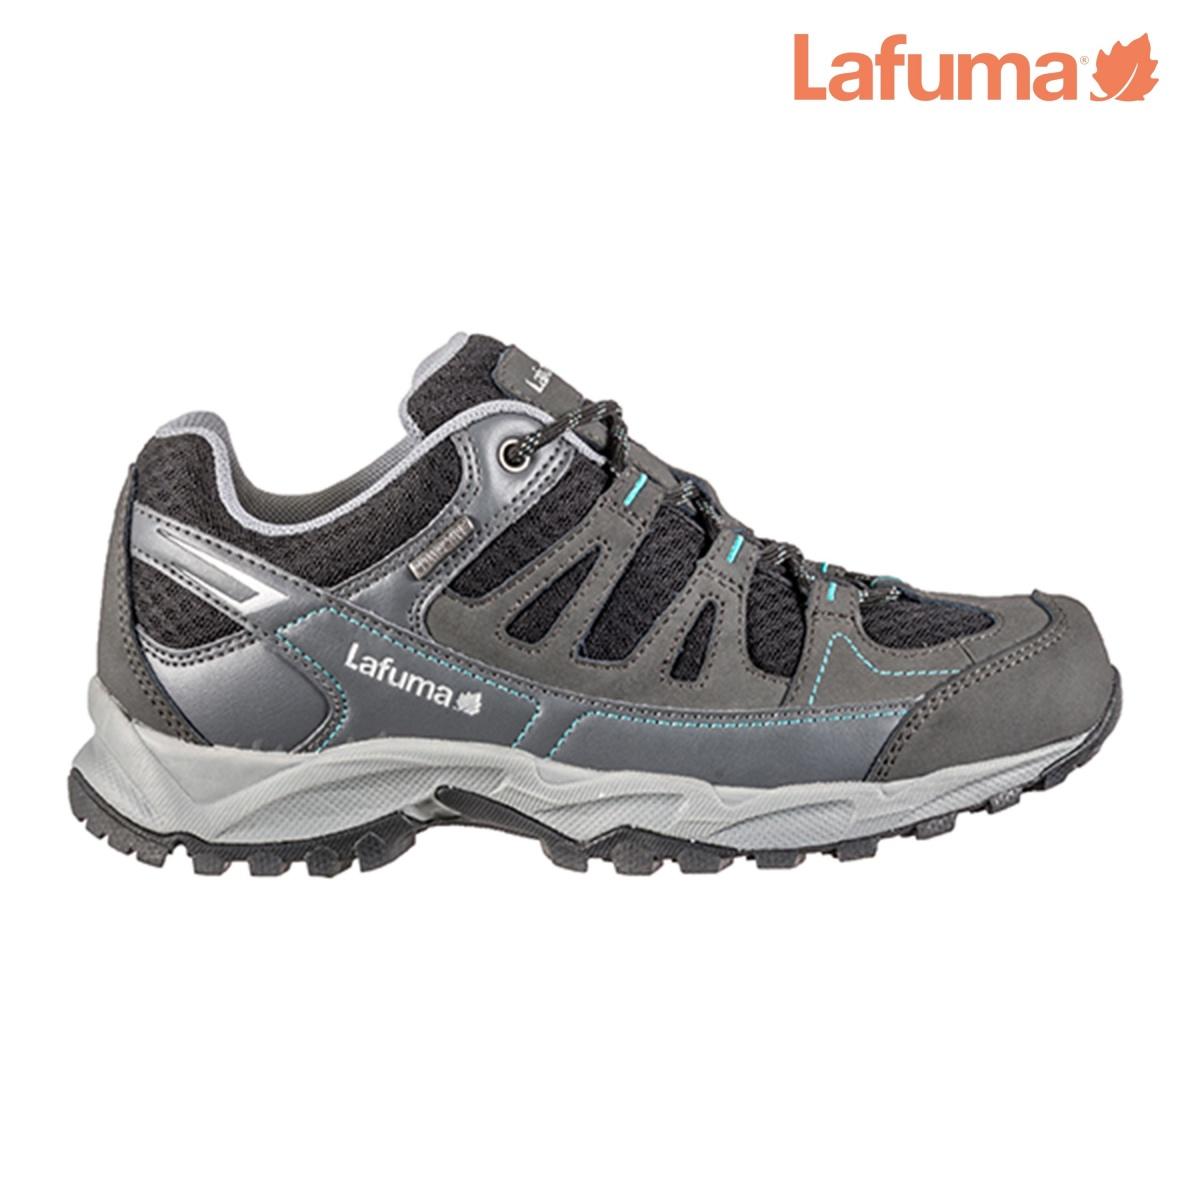 Dámské boty Lafuma - LAFTRACK CLIMACTIVE LD – Asfaltová  7e7e76406d